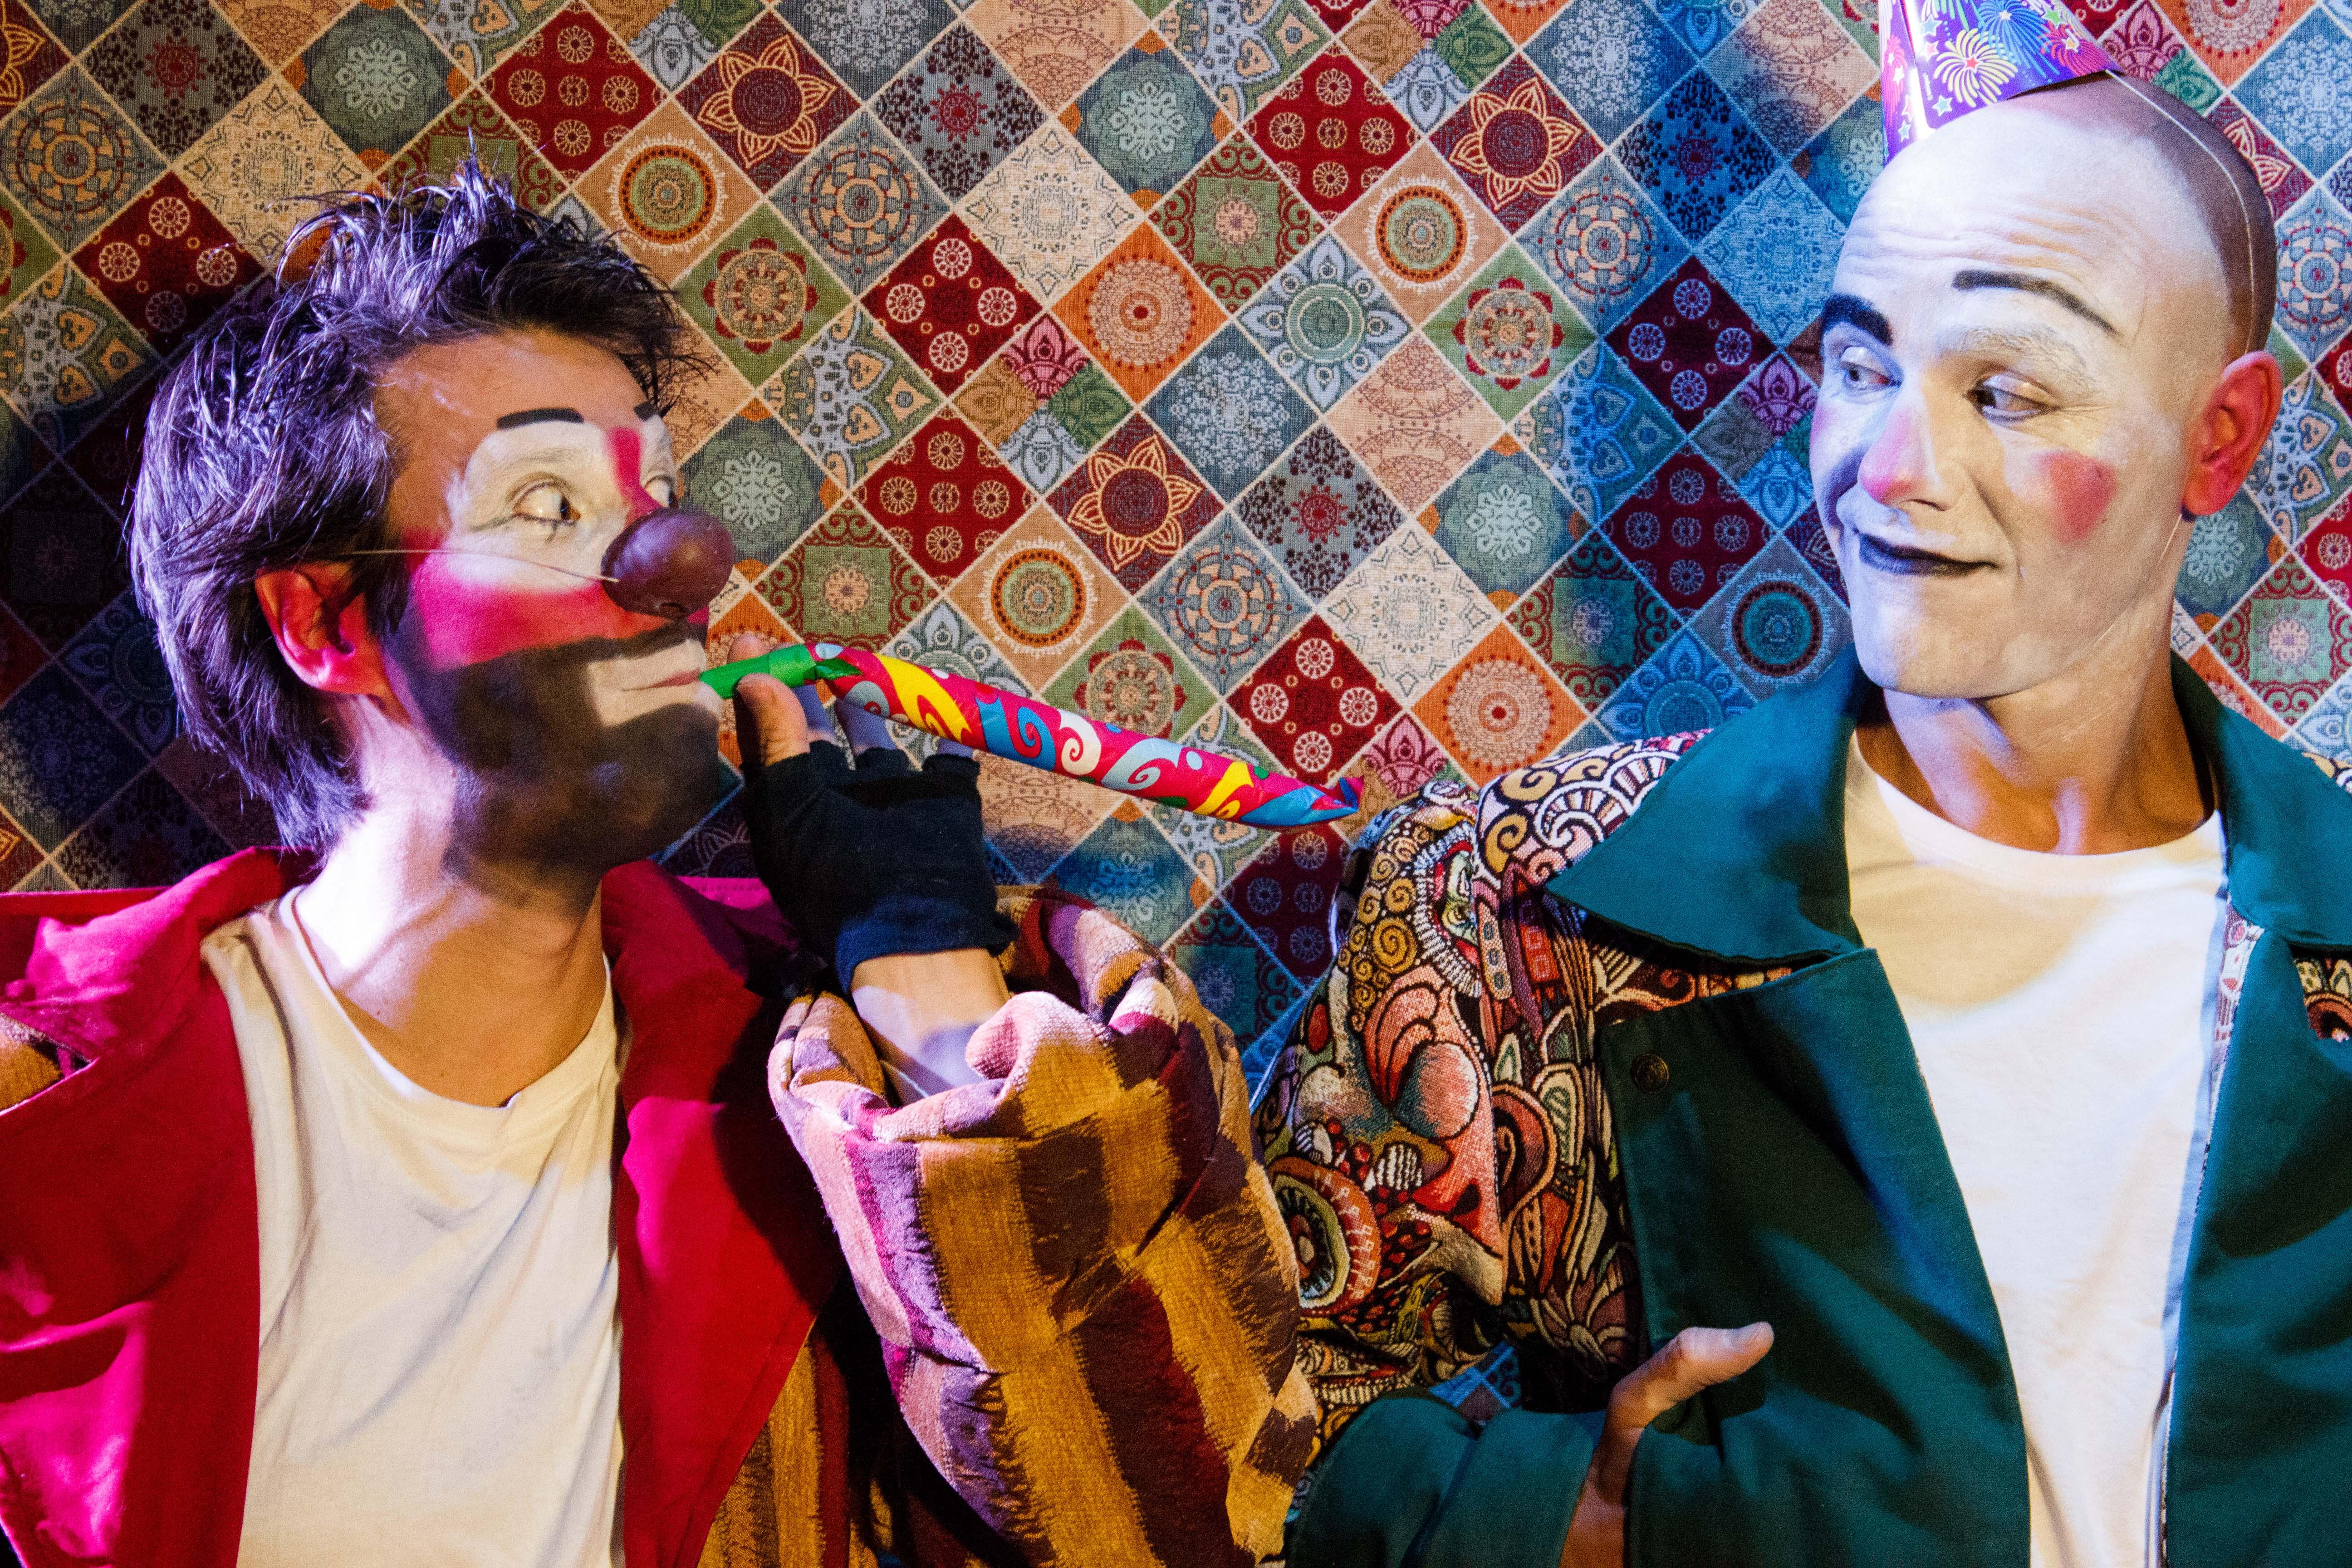 Clownbaret comienza su gira nacional en el Festival Circ&Co